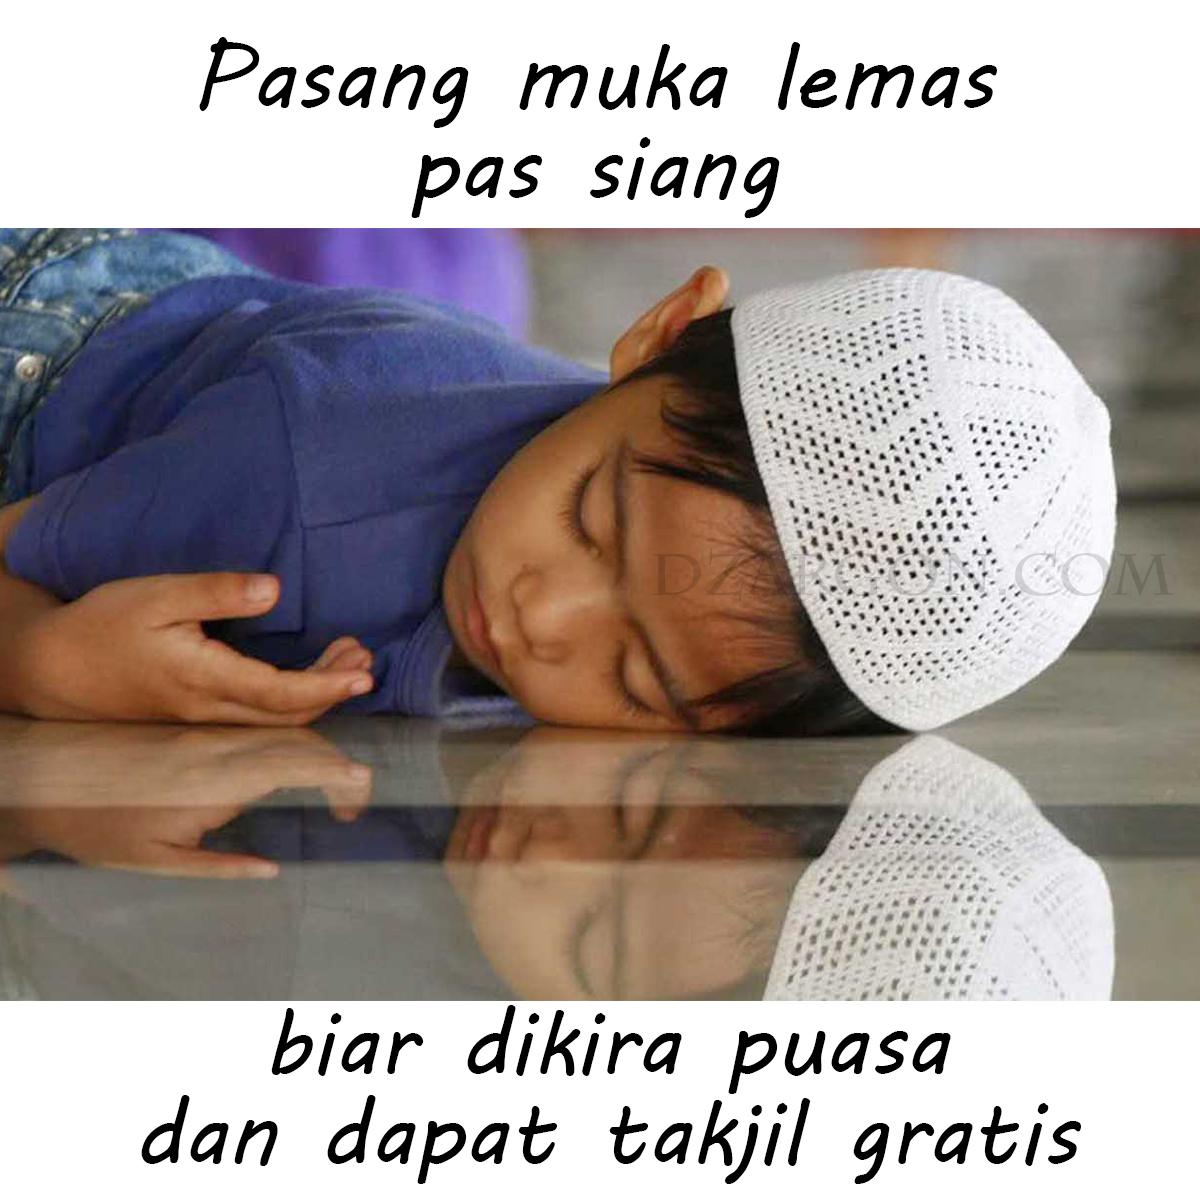 Foto Meme Gokil lucu puasa anak-anak tahan haus tidur di masjid